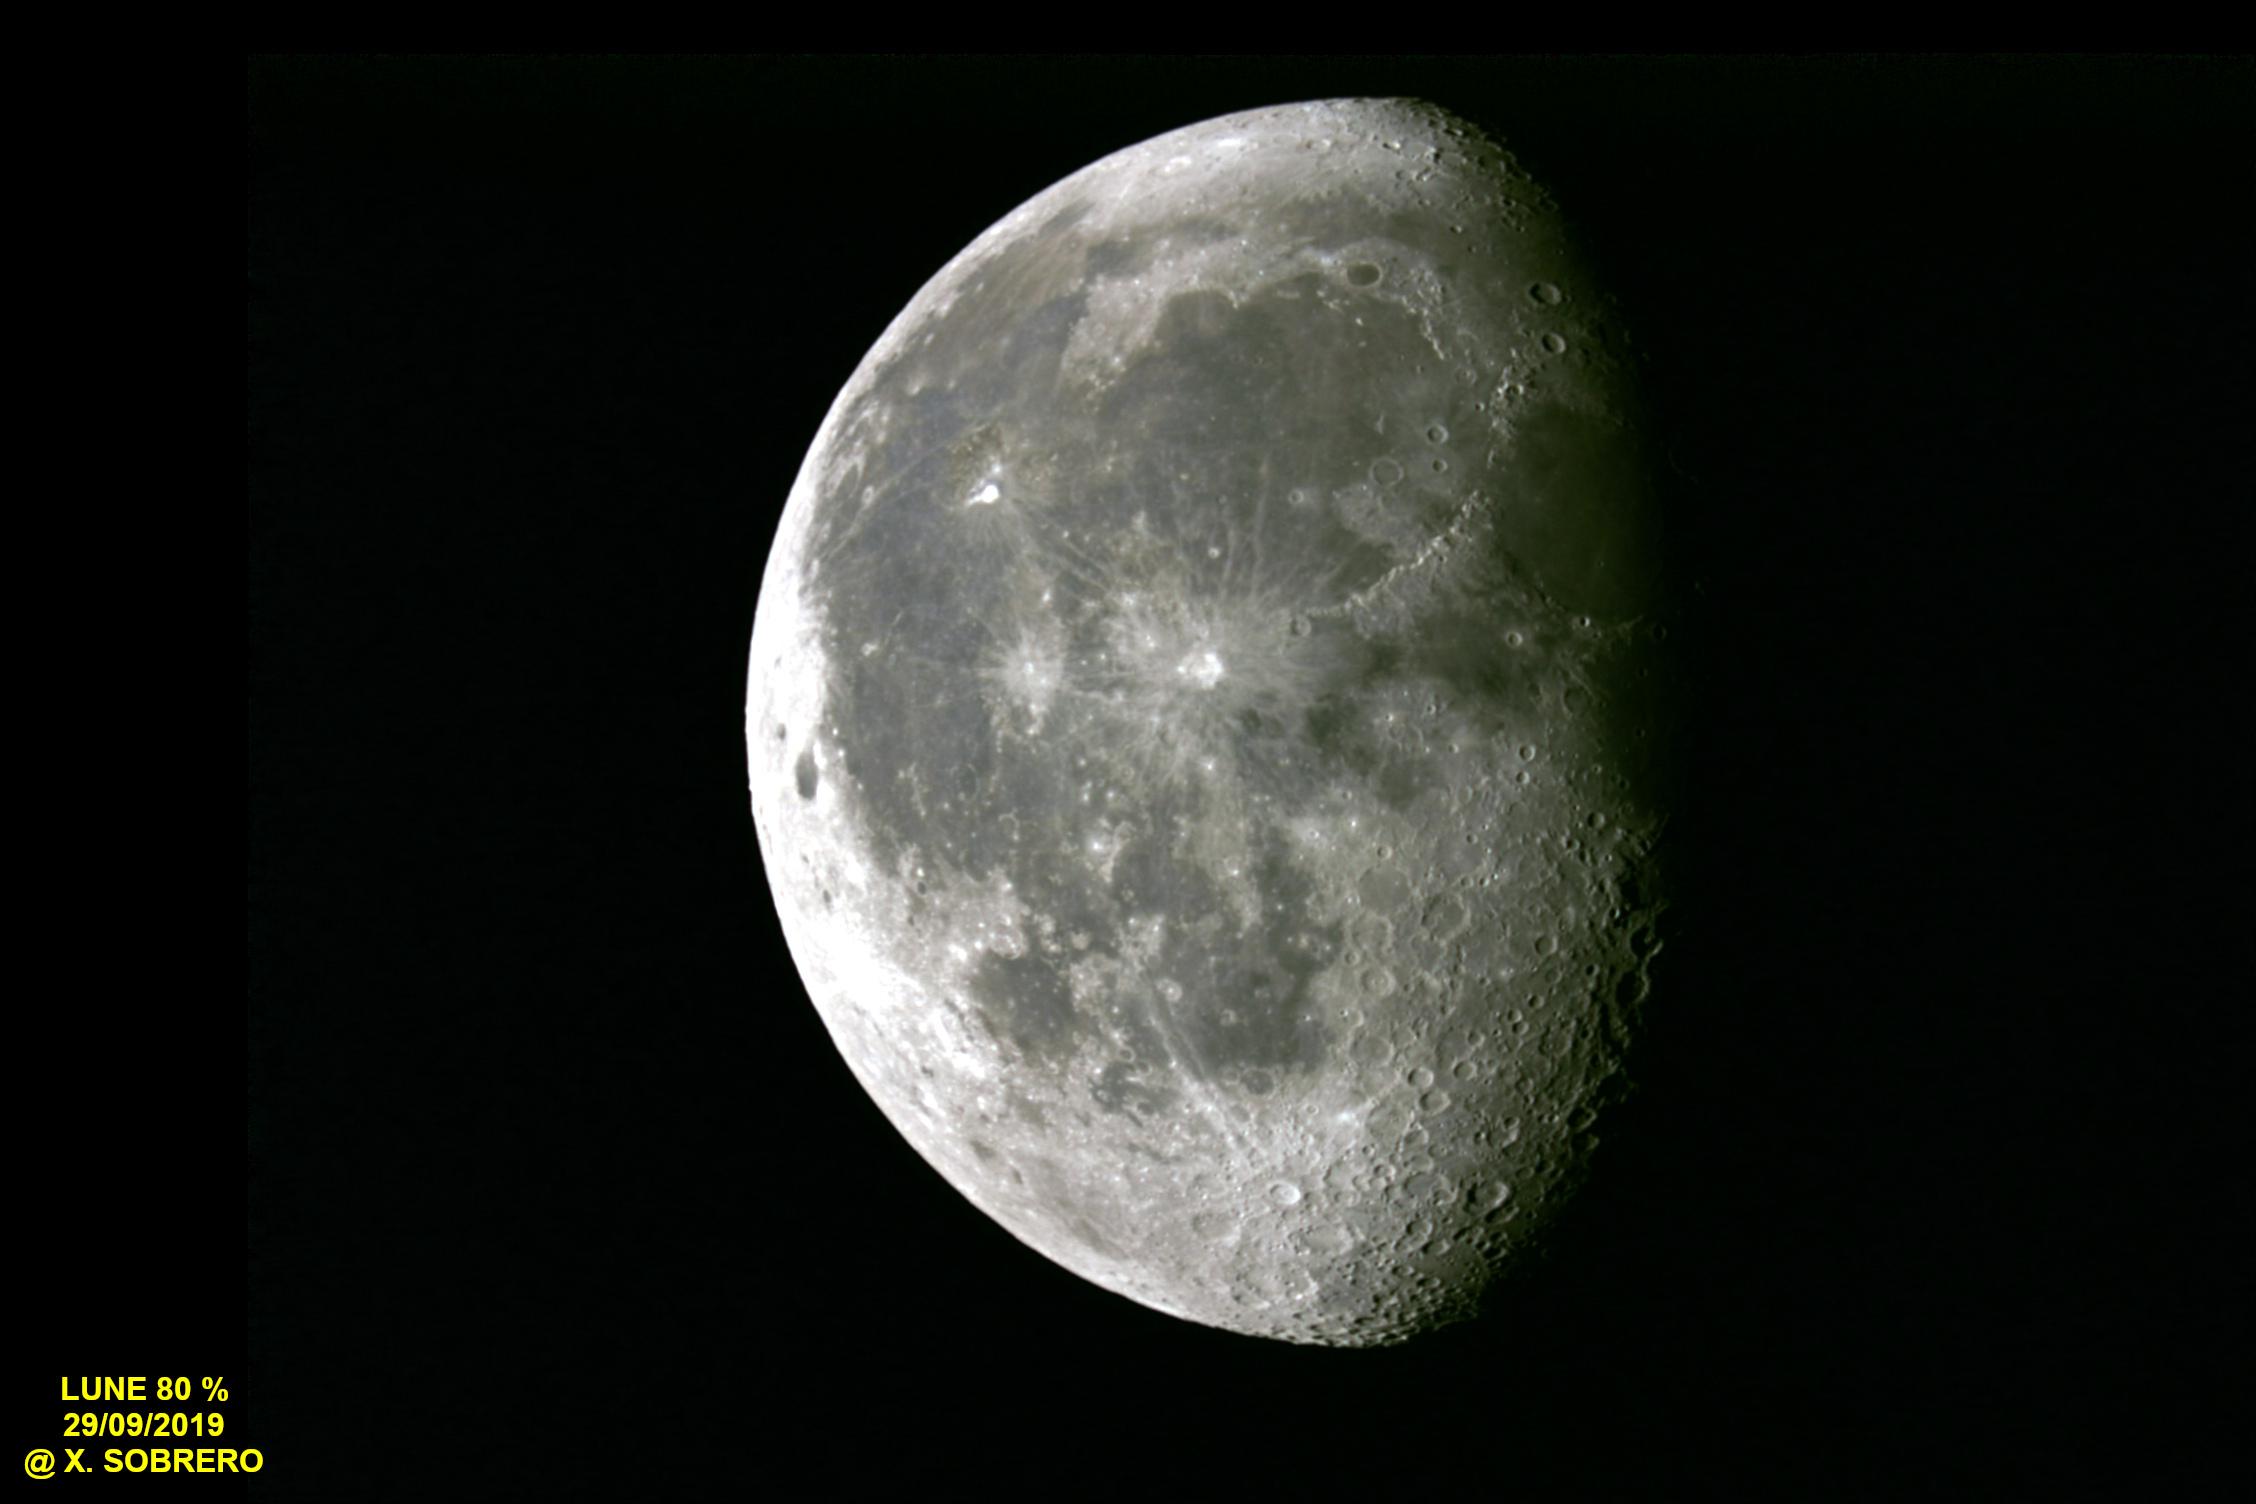 Lune du 29/09/2018